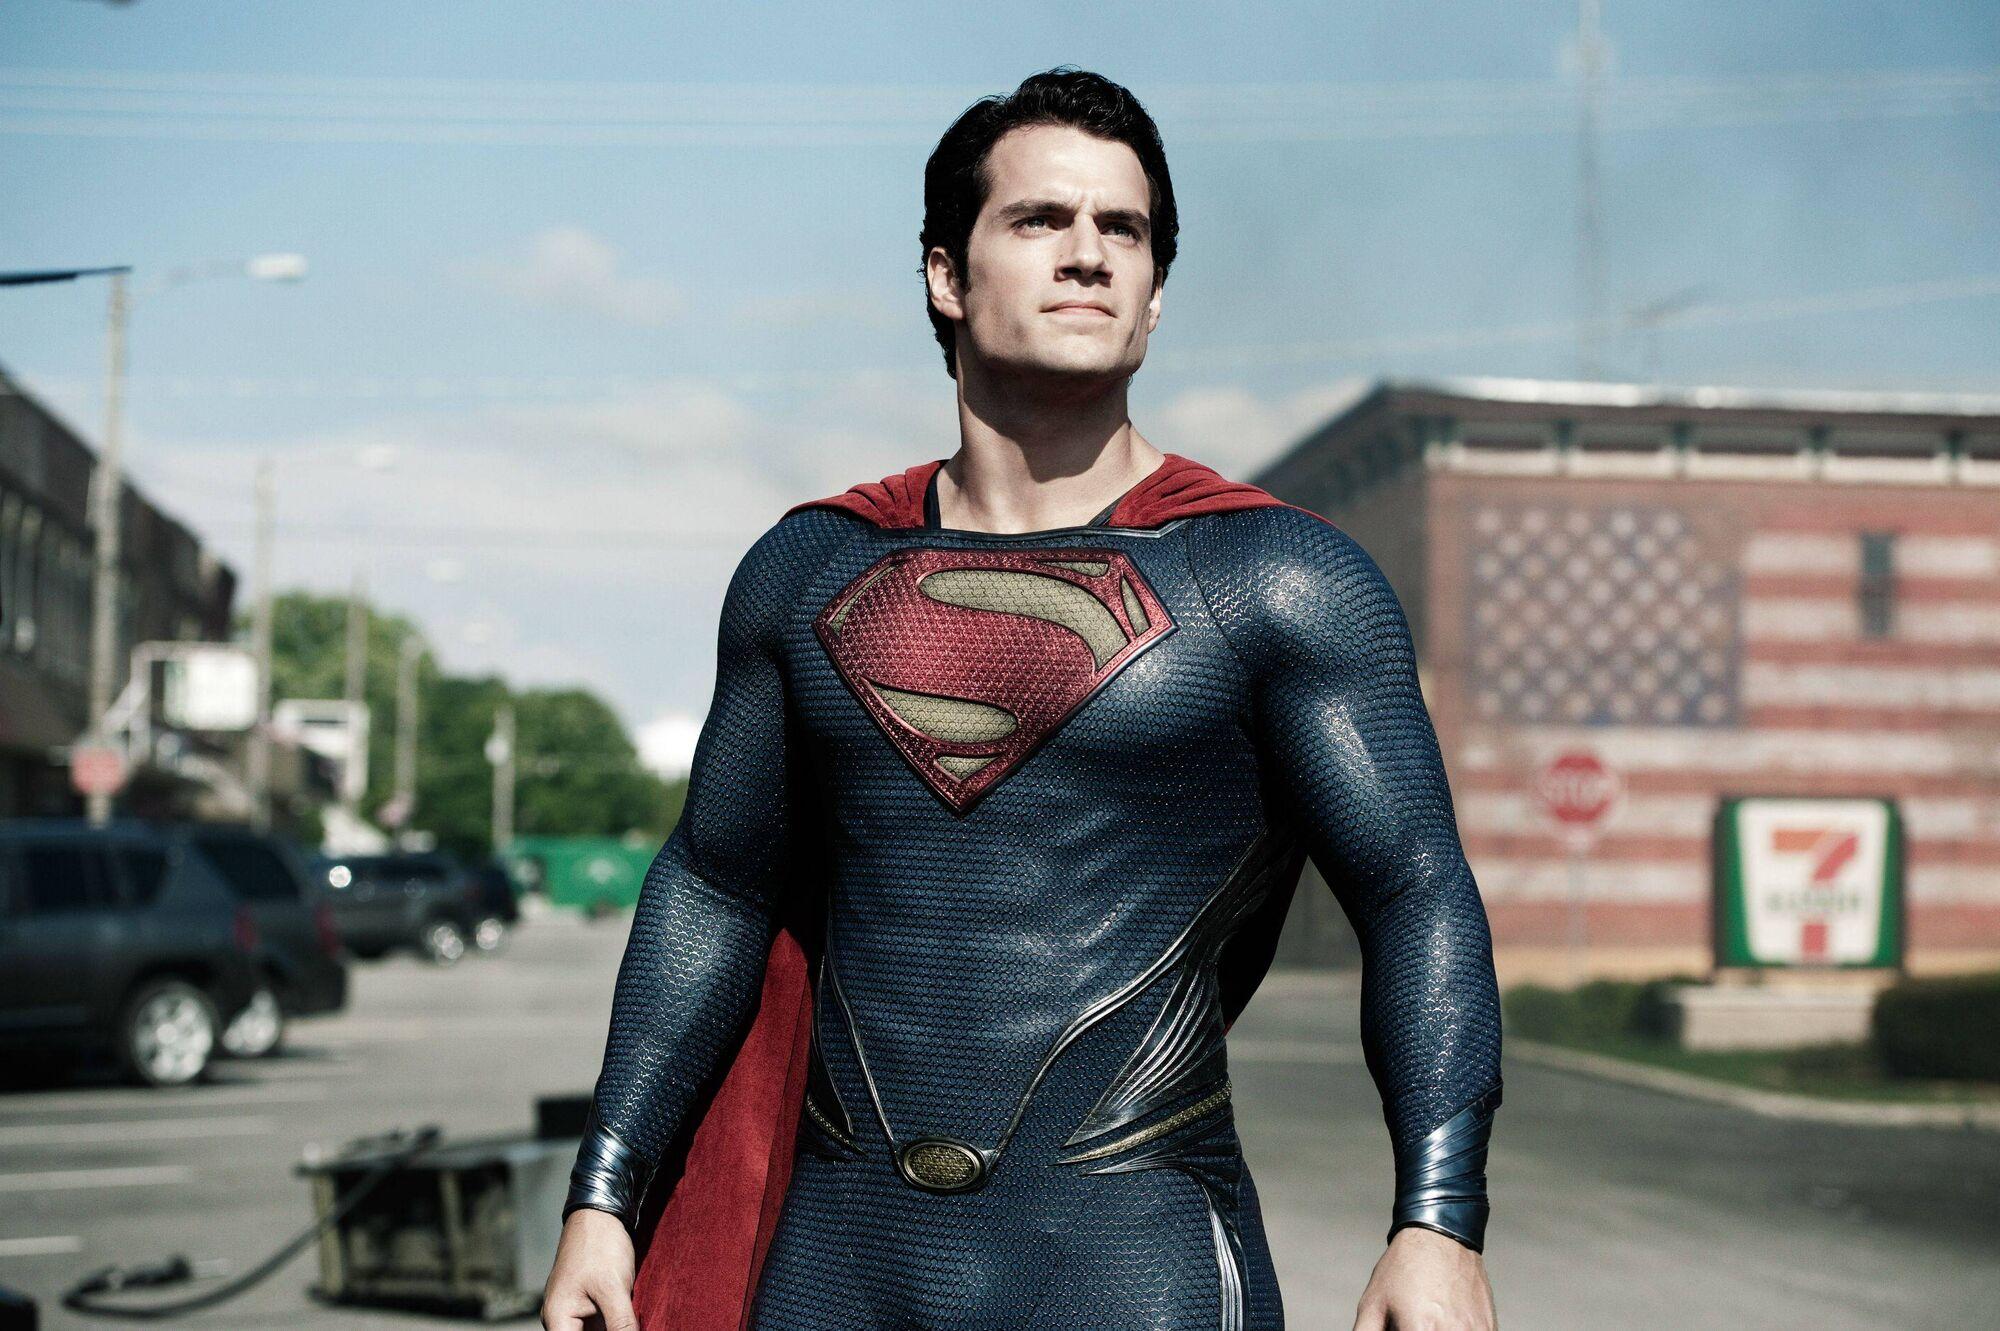 Carol Wayne Nude Photos Classy image - mos superman in metropolis1 | dc movies wiki | fandom